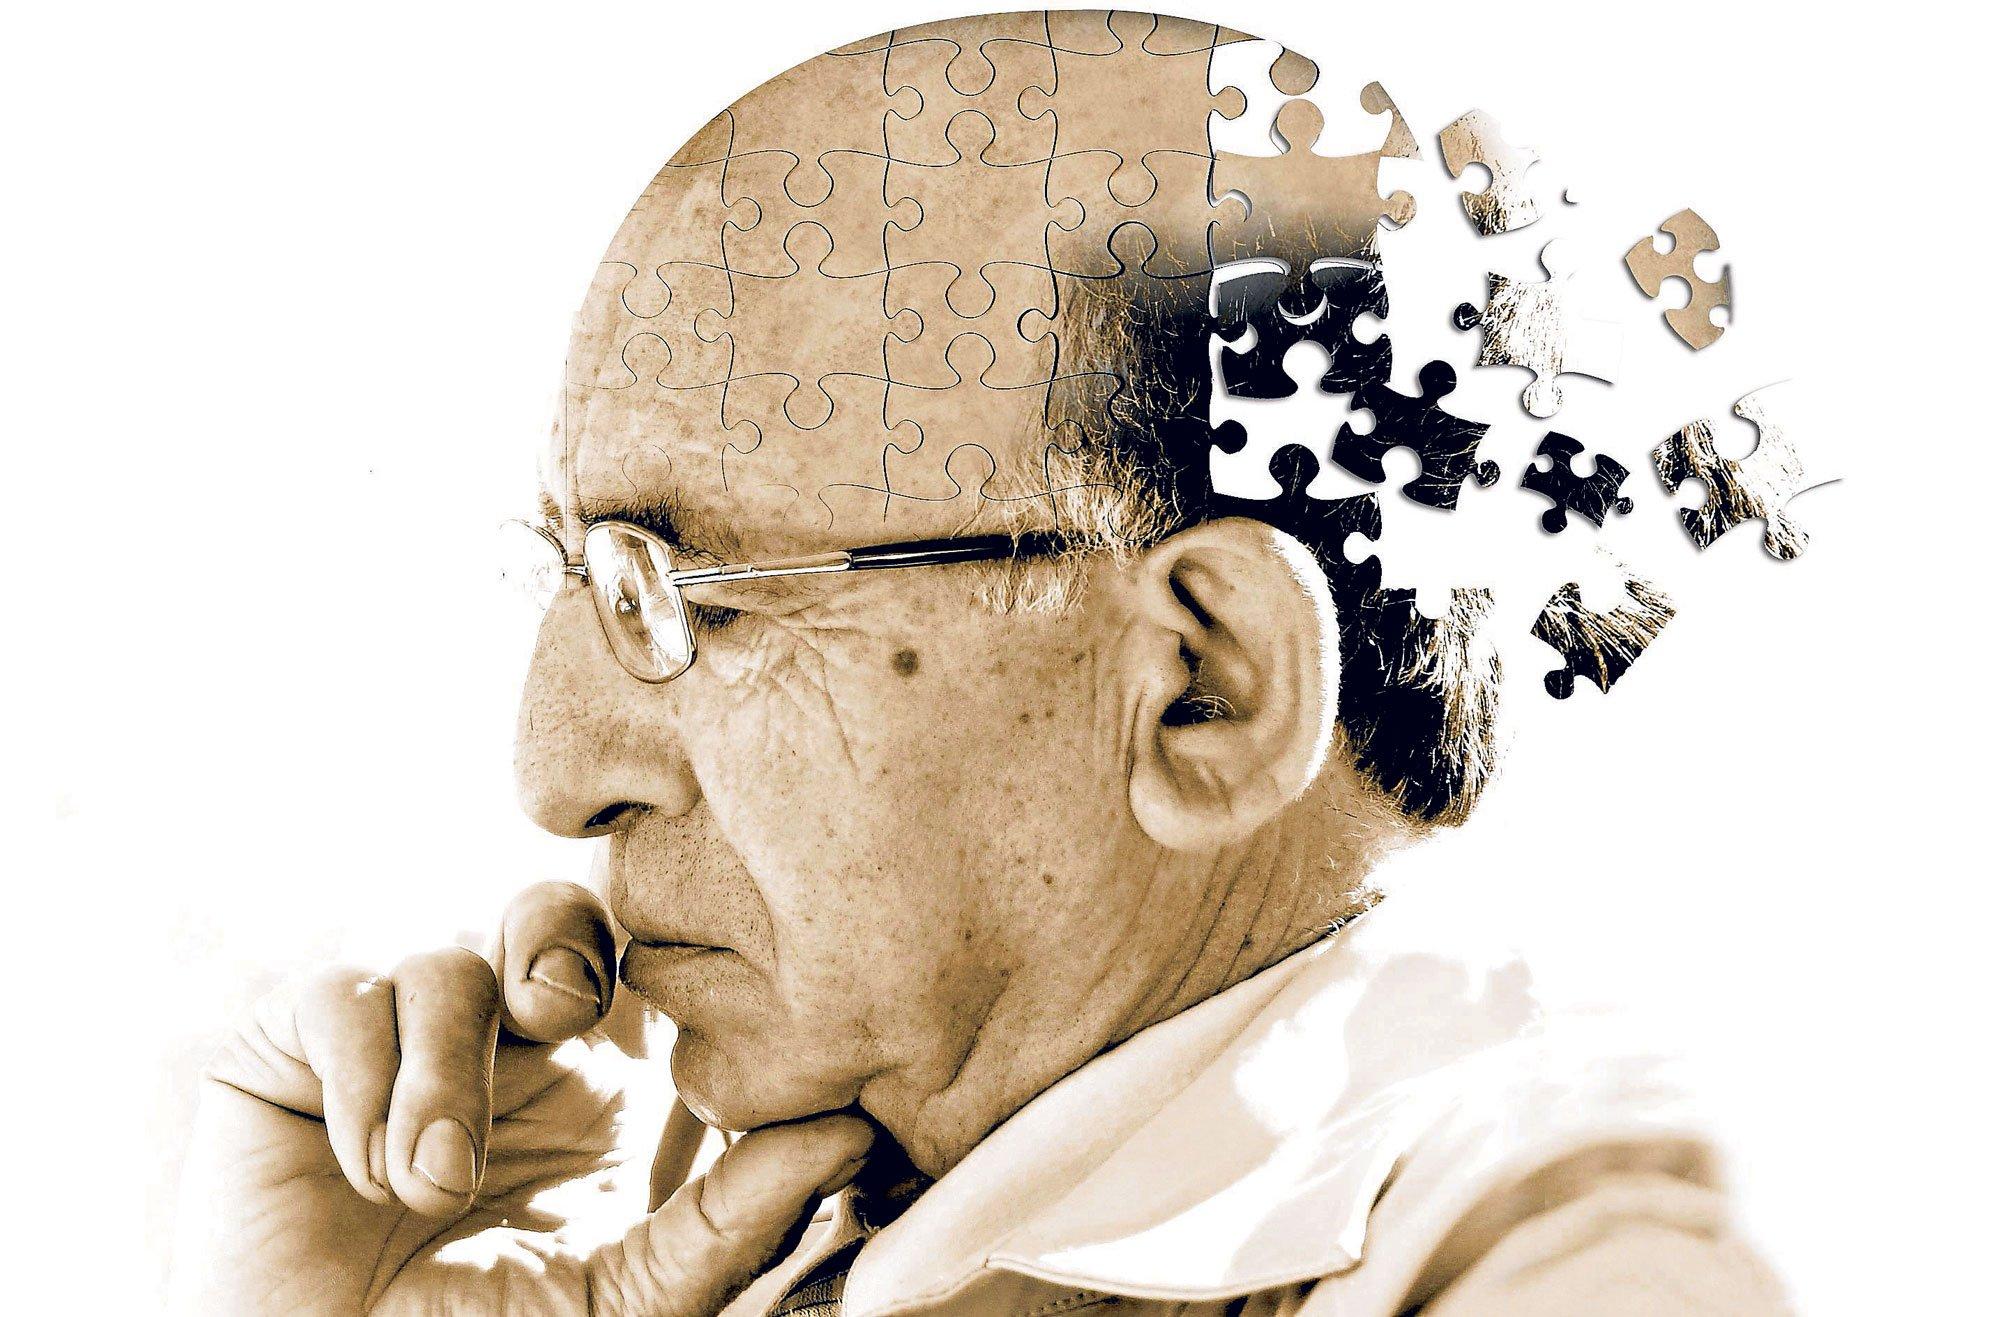 Деменция возникает у пожилых людей, но и более молодые личности от нее не защищены